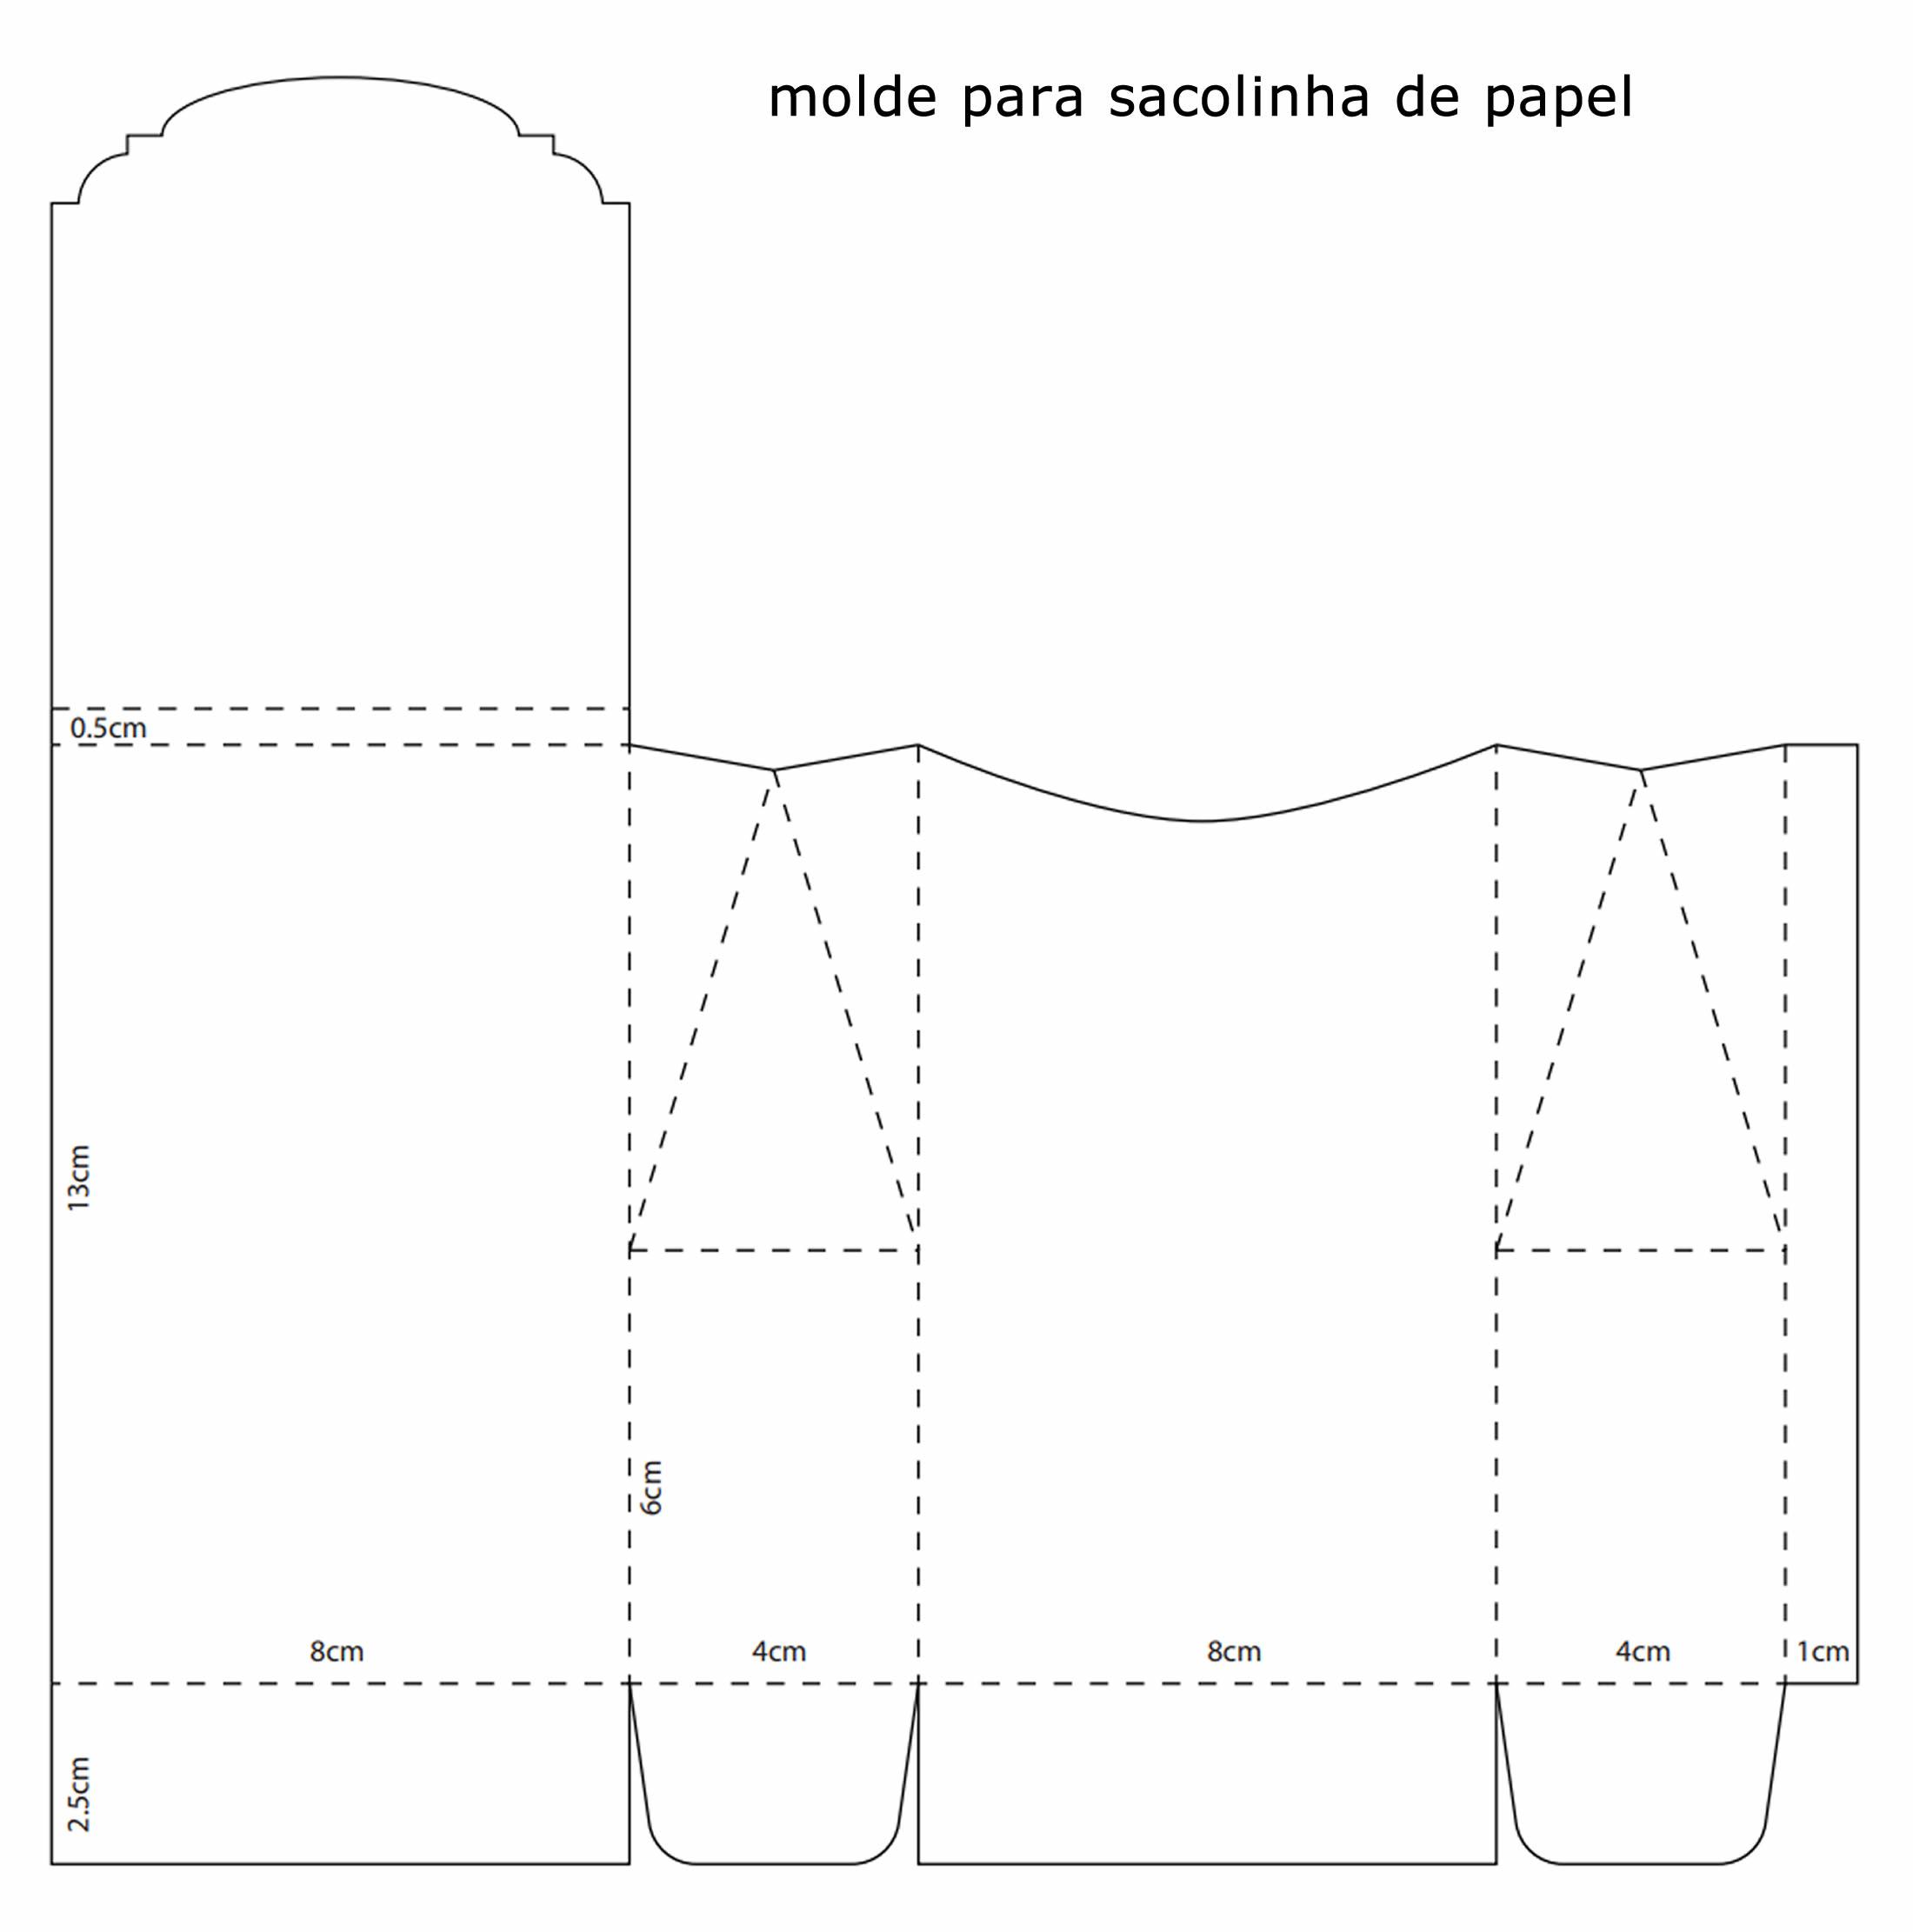 Molde para fazer sacolinhas de papel